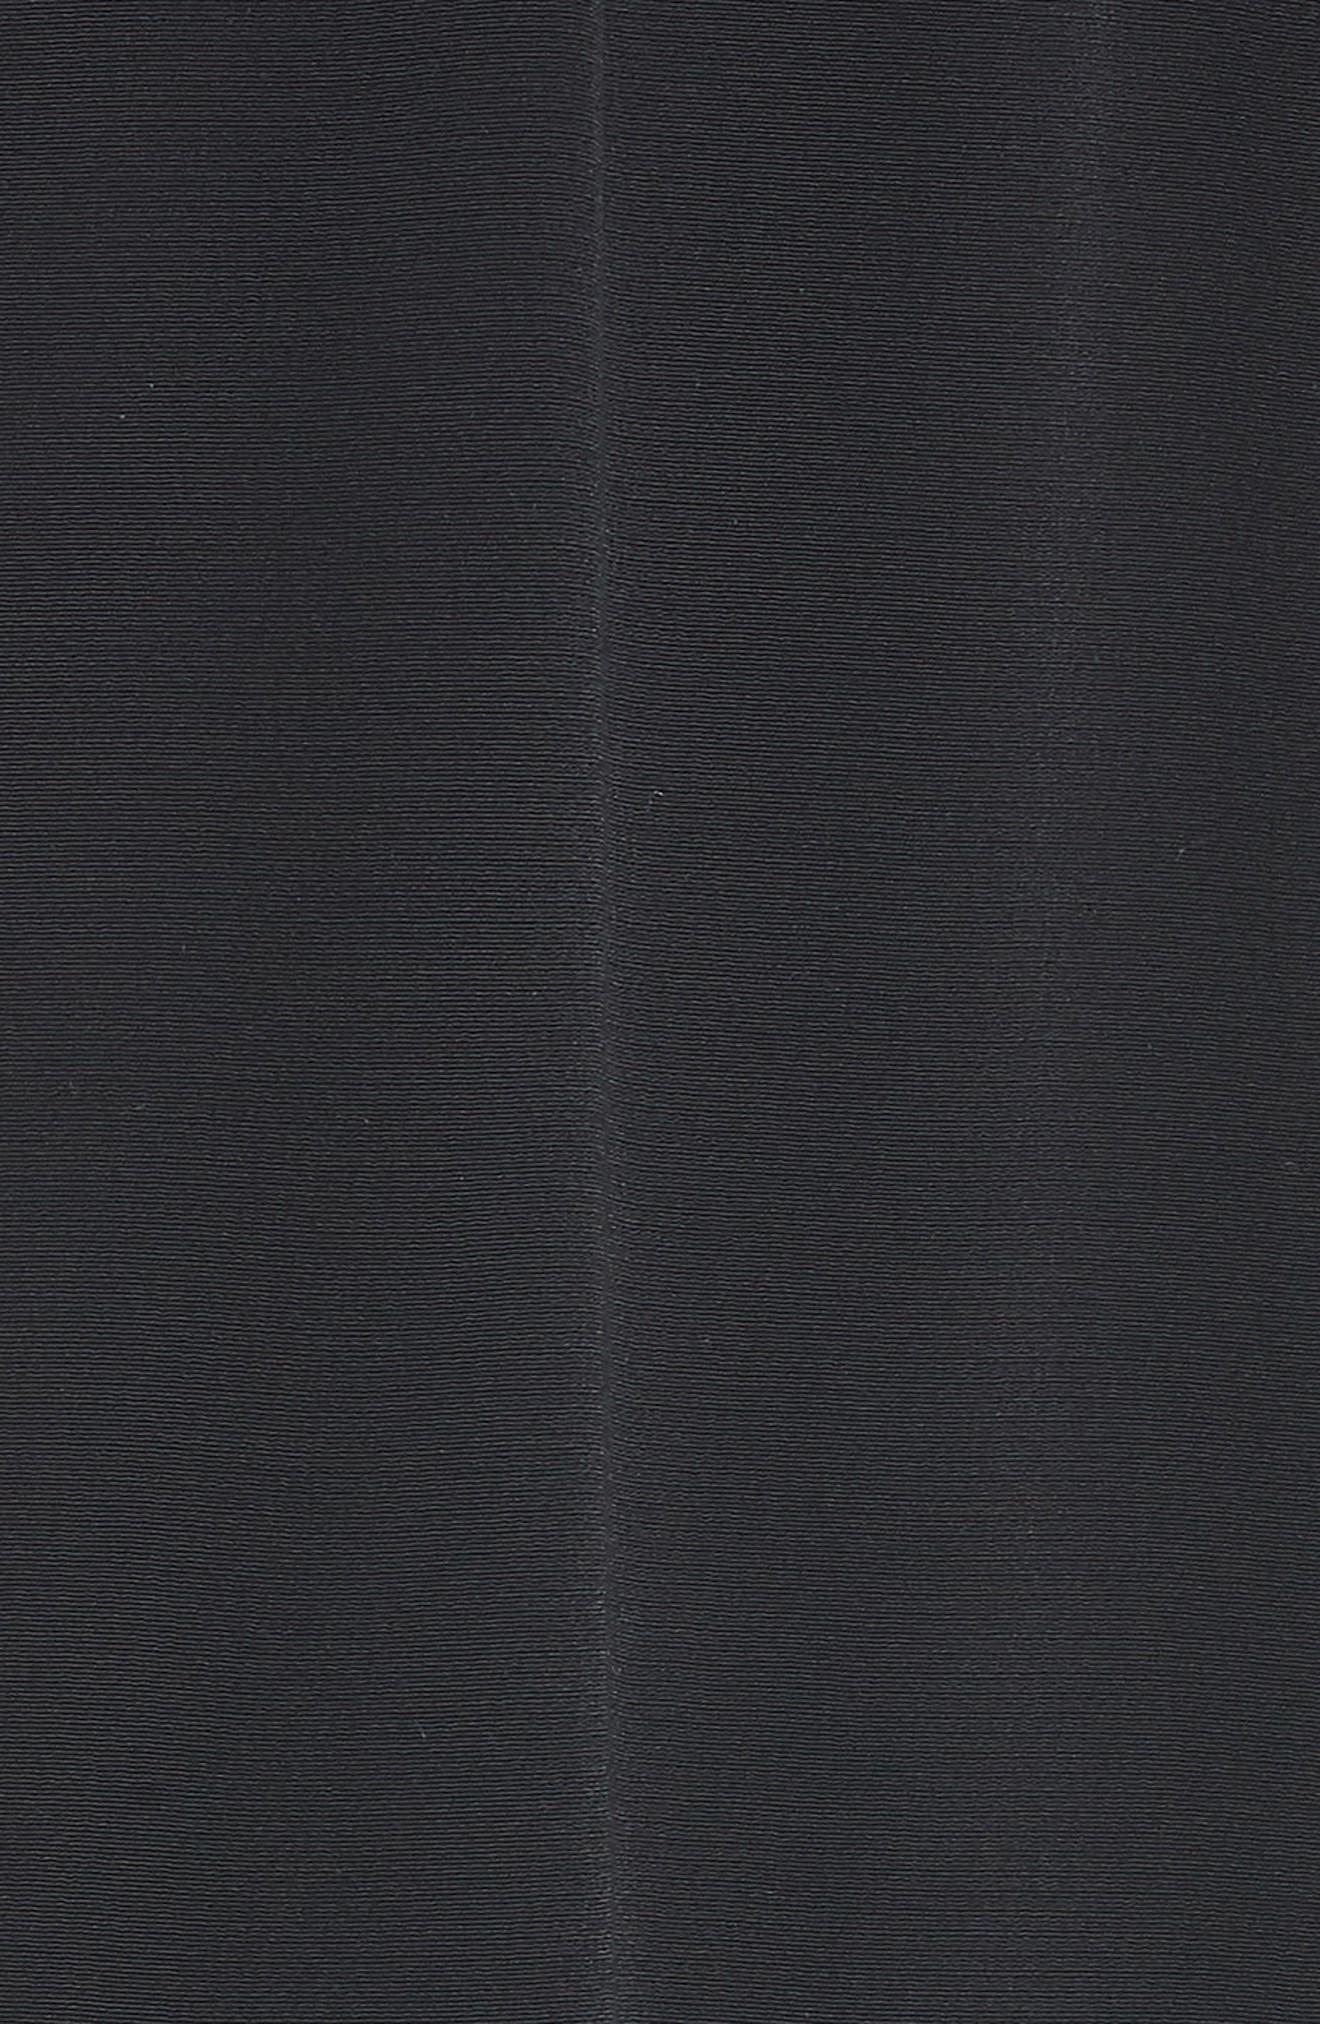 Wide Leg Crop Jumpsuit,                             Alternate thumbnail 6, color,                             Black